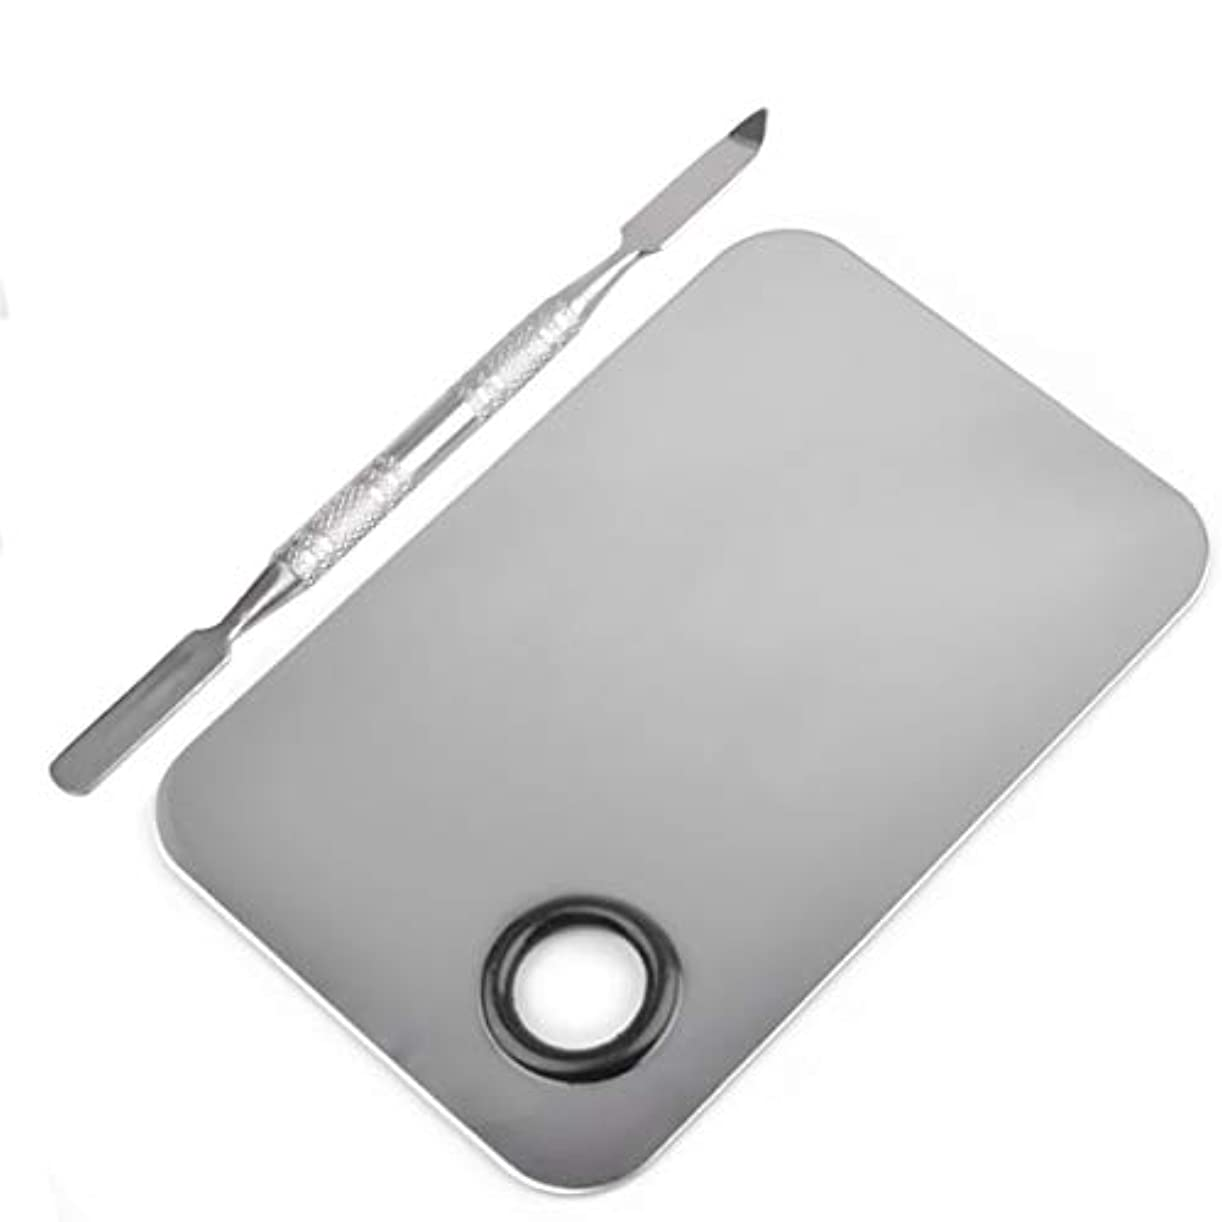 異議ランデブーしなやか長方形の形のステンレス鋼化粧品メイクアップパレットへらツールセットネイルアート機器ツールキット美容ツール(シルバー)